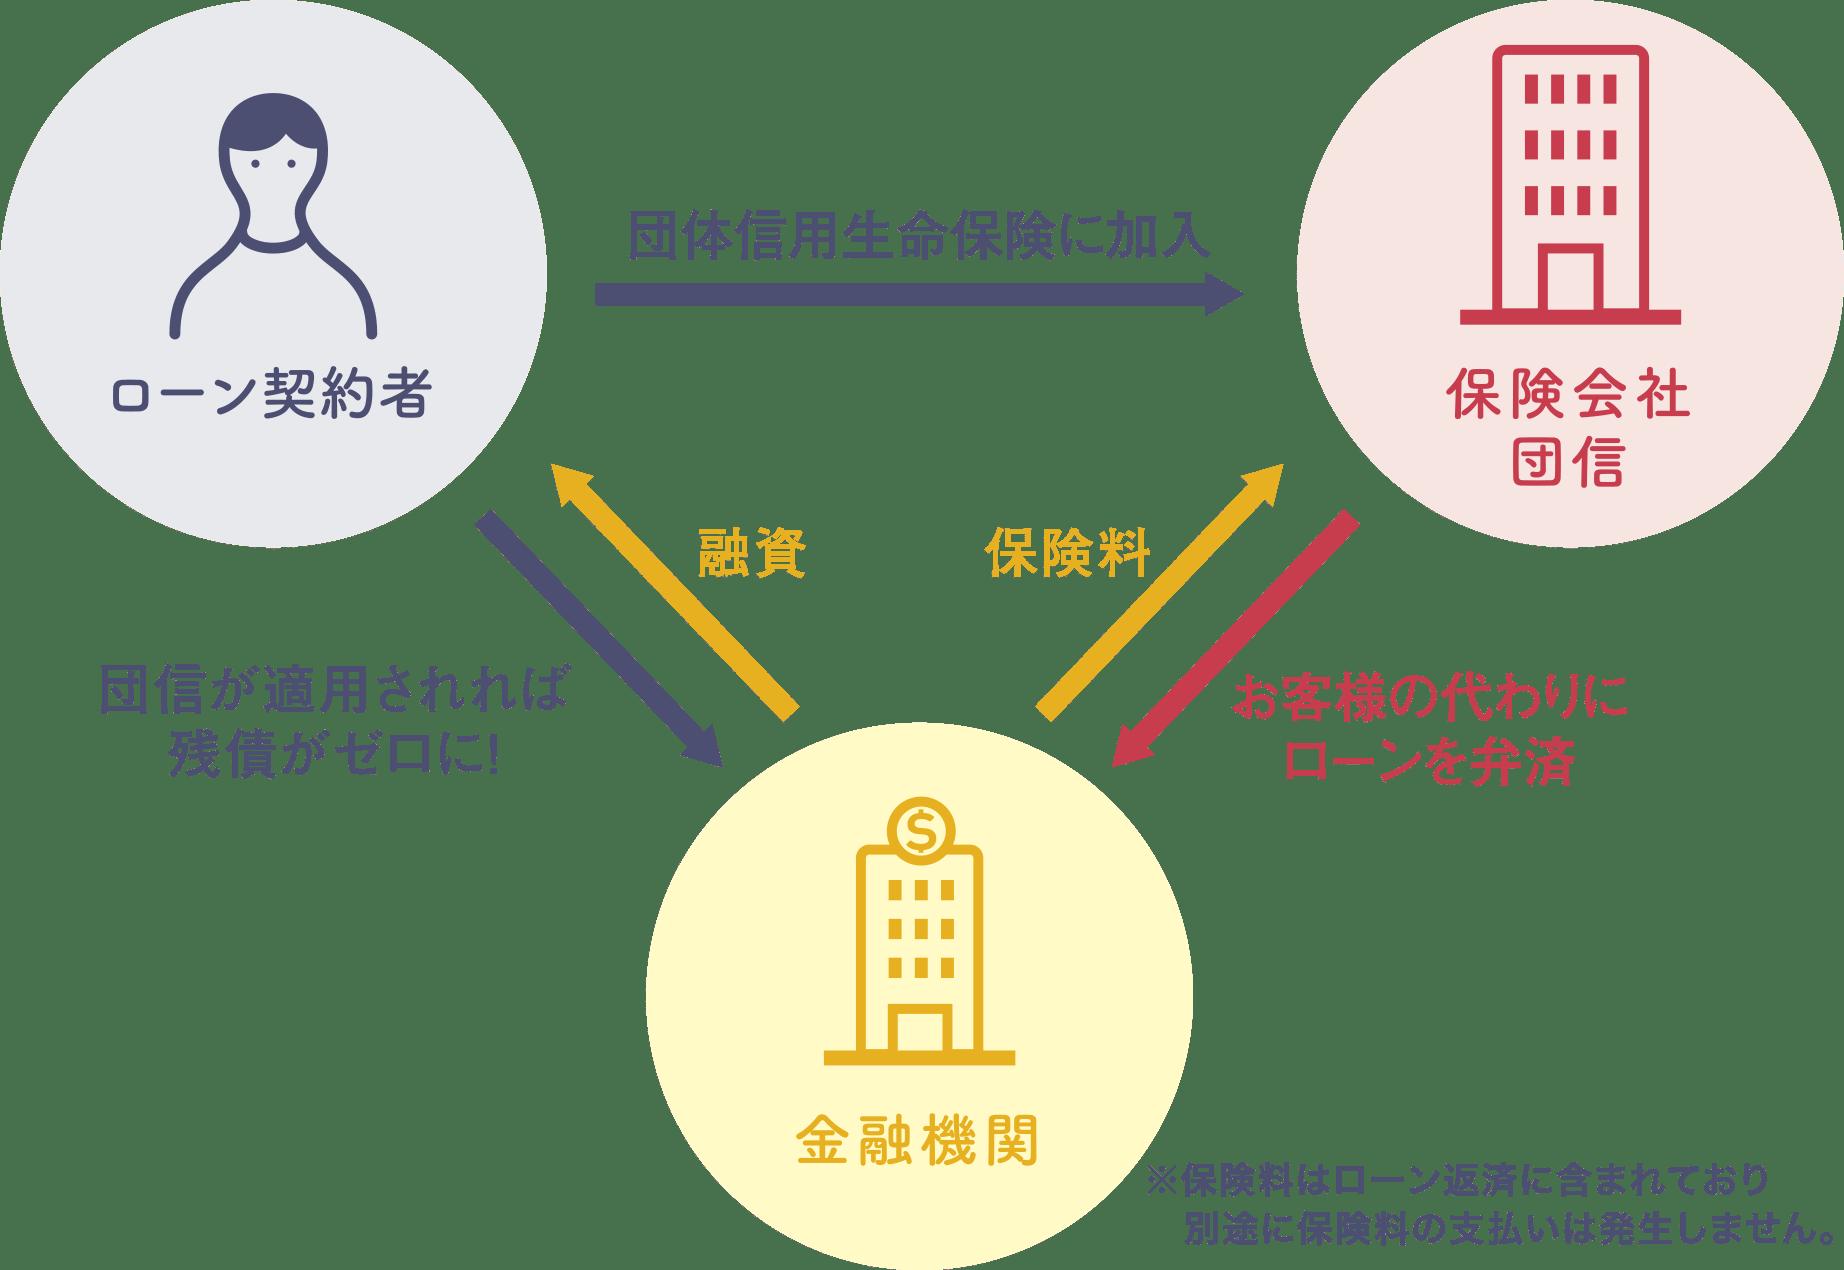 団体信用生命保険の関係図